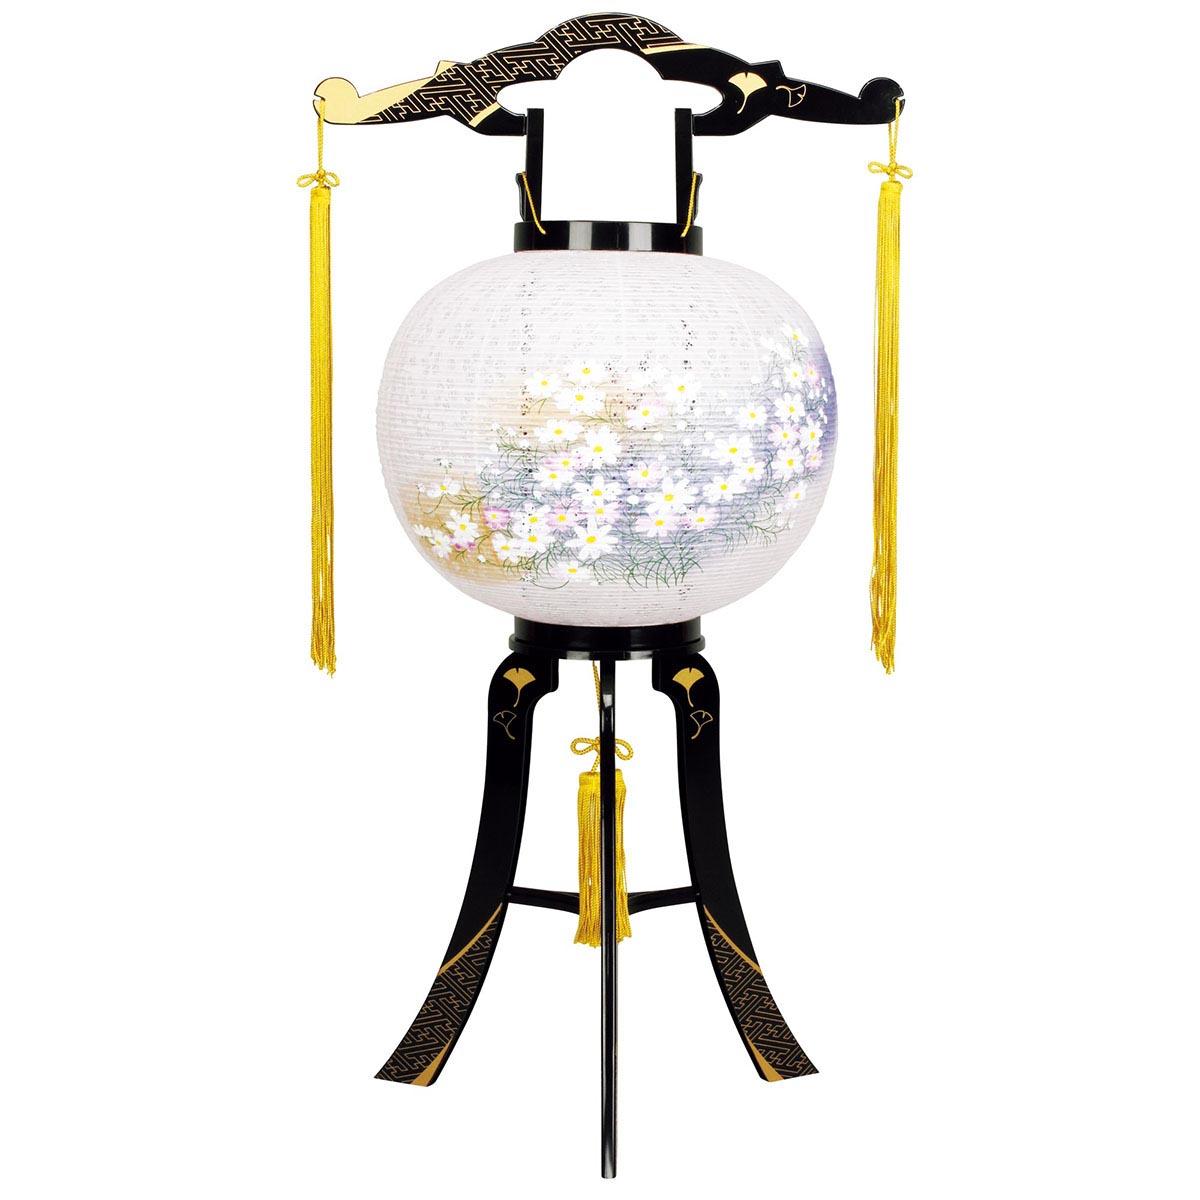 盆提灯 置き型提灯 廻転灯 『 あかり 綾型蒔絵 絵入り 11号 』 BCG-8606-11-718プラスチック製 電気コード式 回転灯 (回転 筒付き) 筒 回転 廻転 回転筒付